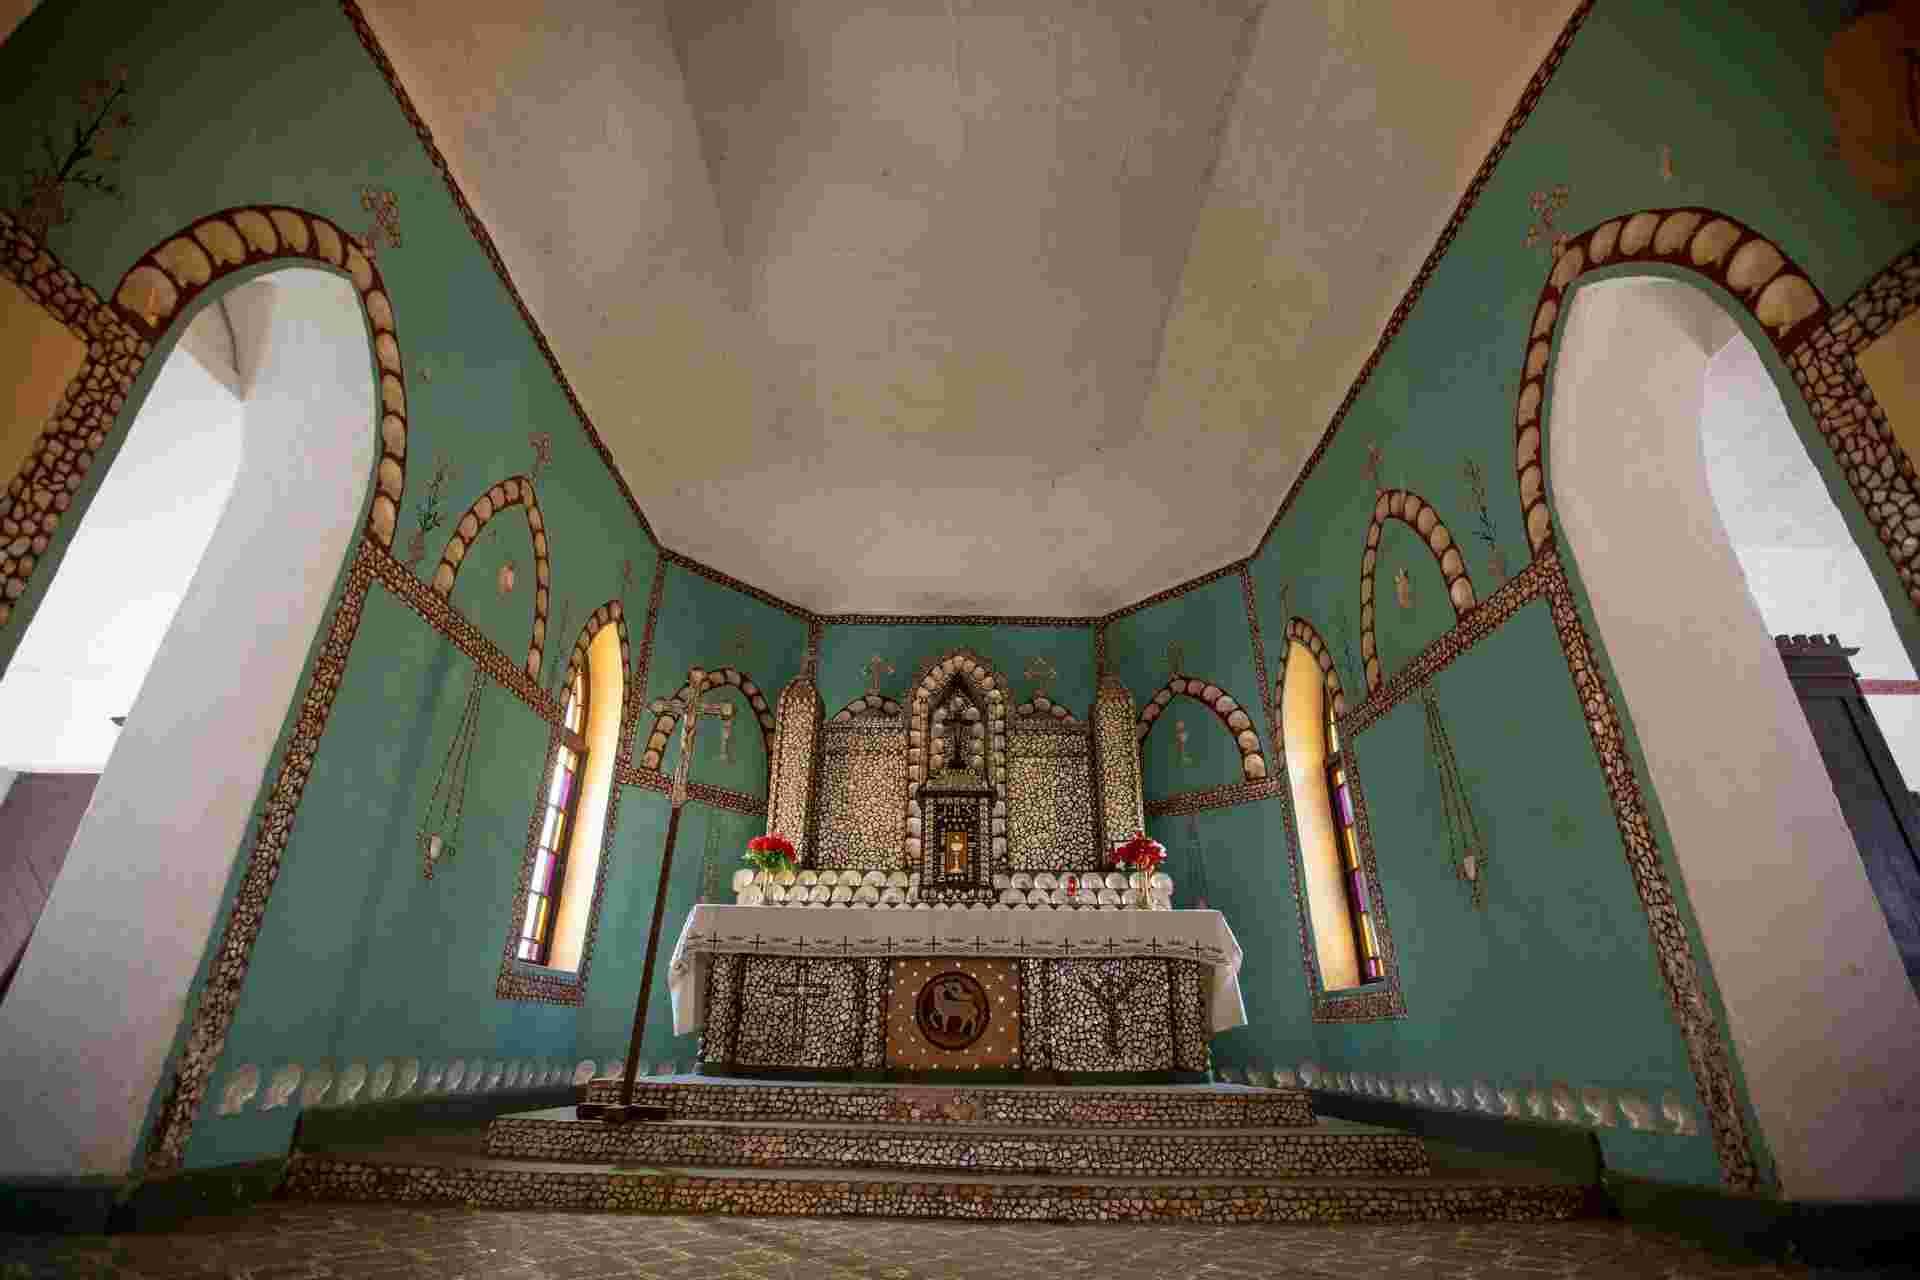 Beagle Bay Church